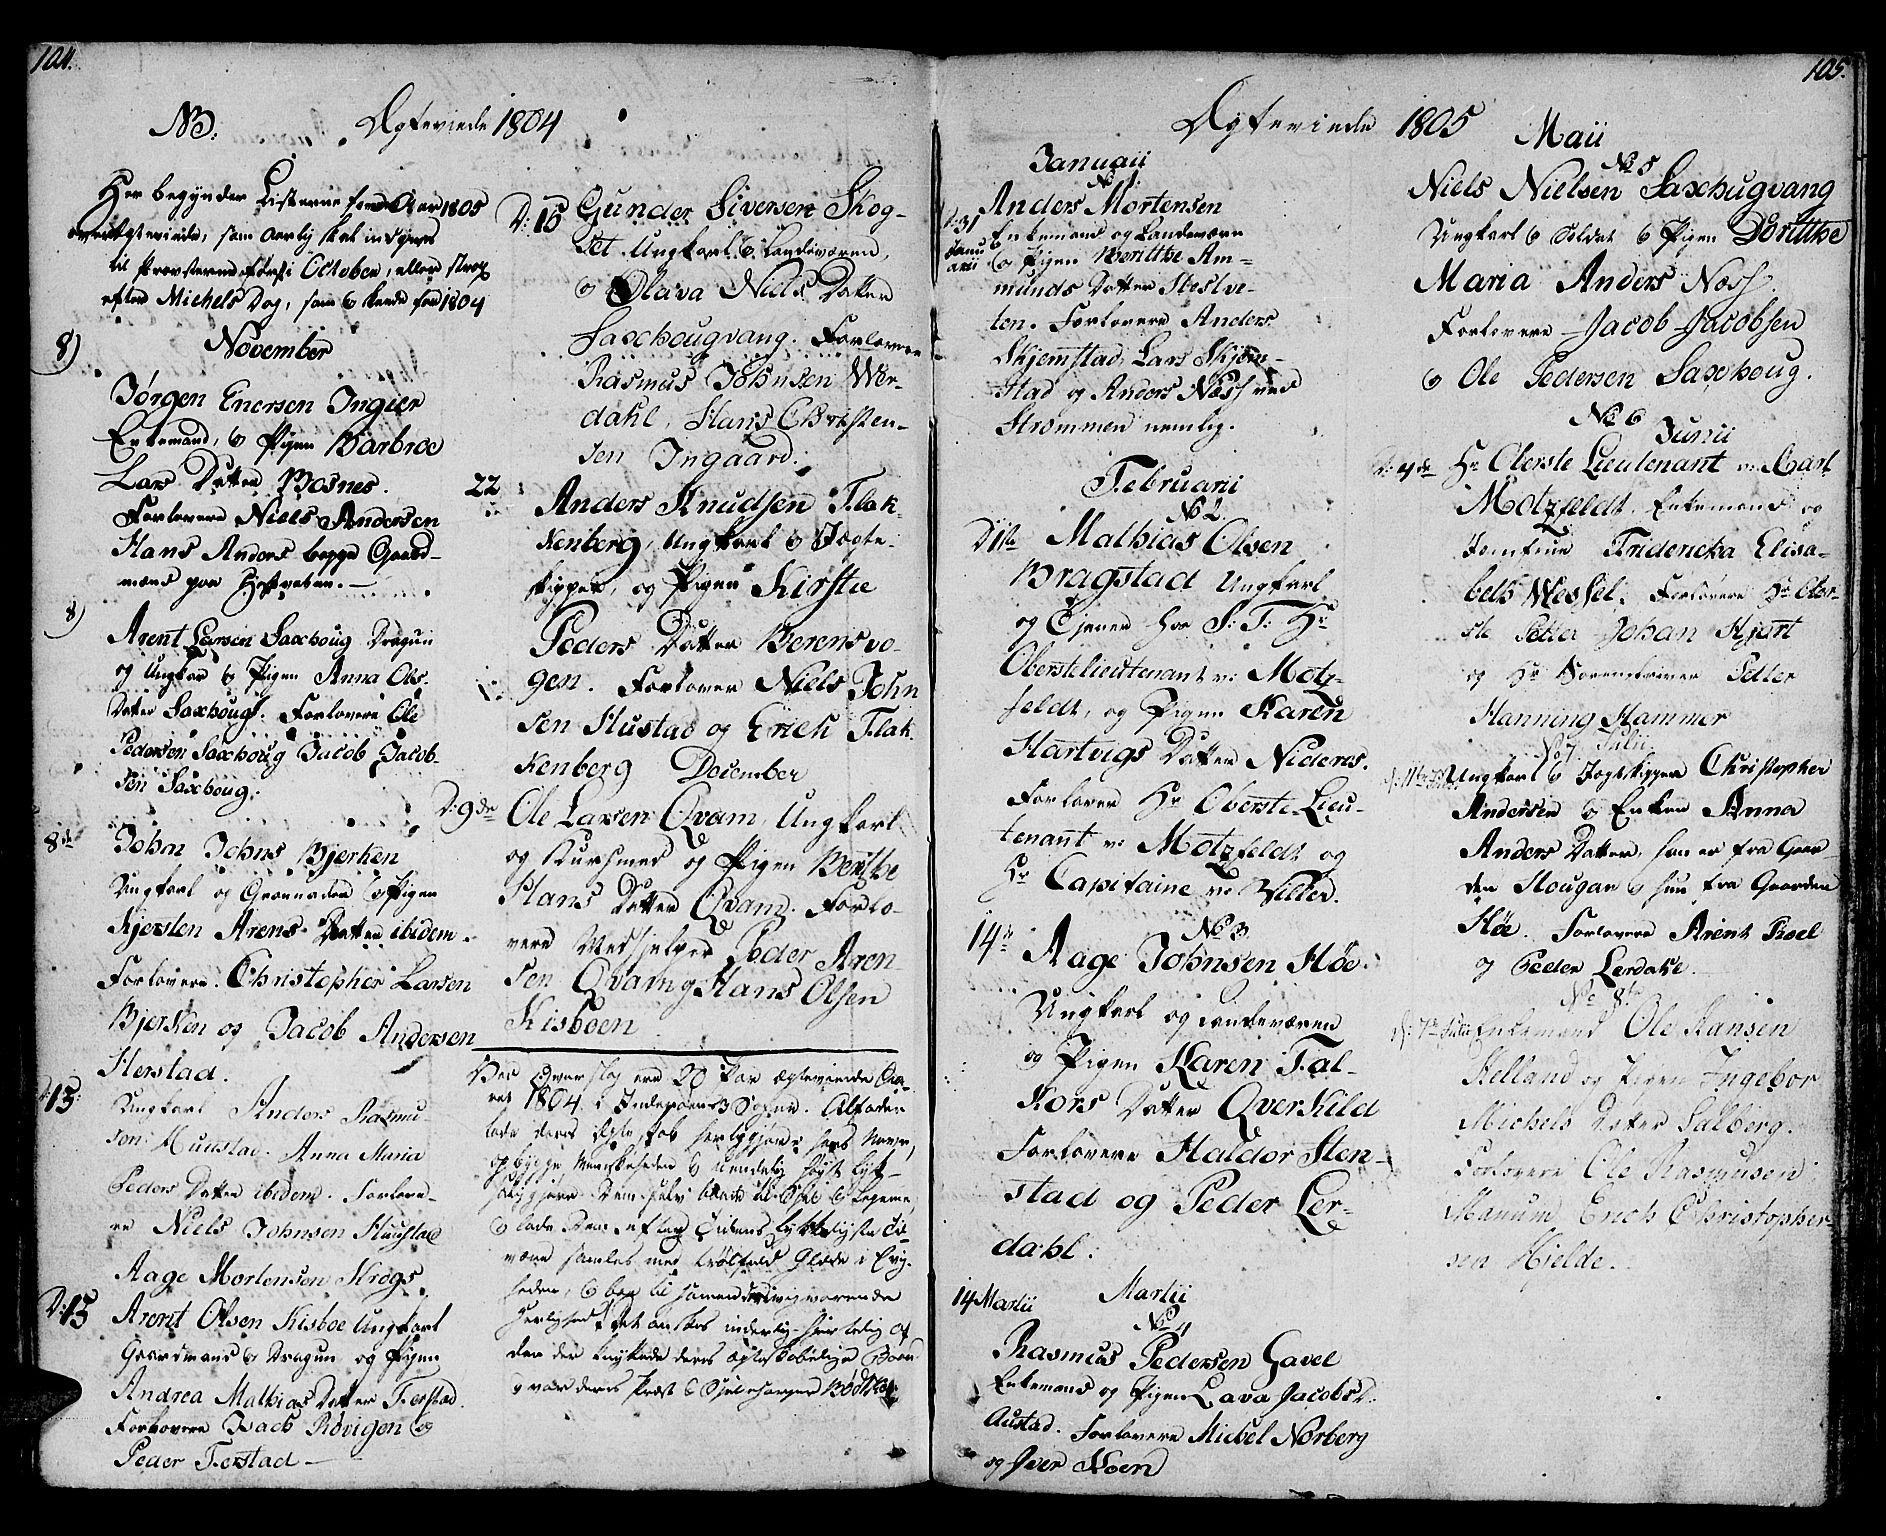 SAT, Ministerialprotokoller, klokkerbøker og fødselsregistre - Nord-Trøndelag, 730/L0274: Ministerialbok nr. 730A03, 1802-1816, s. 104-105